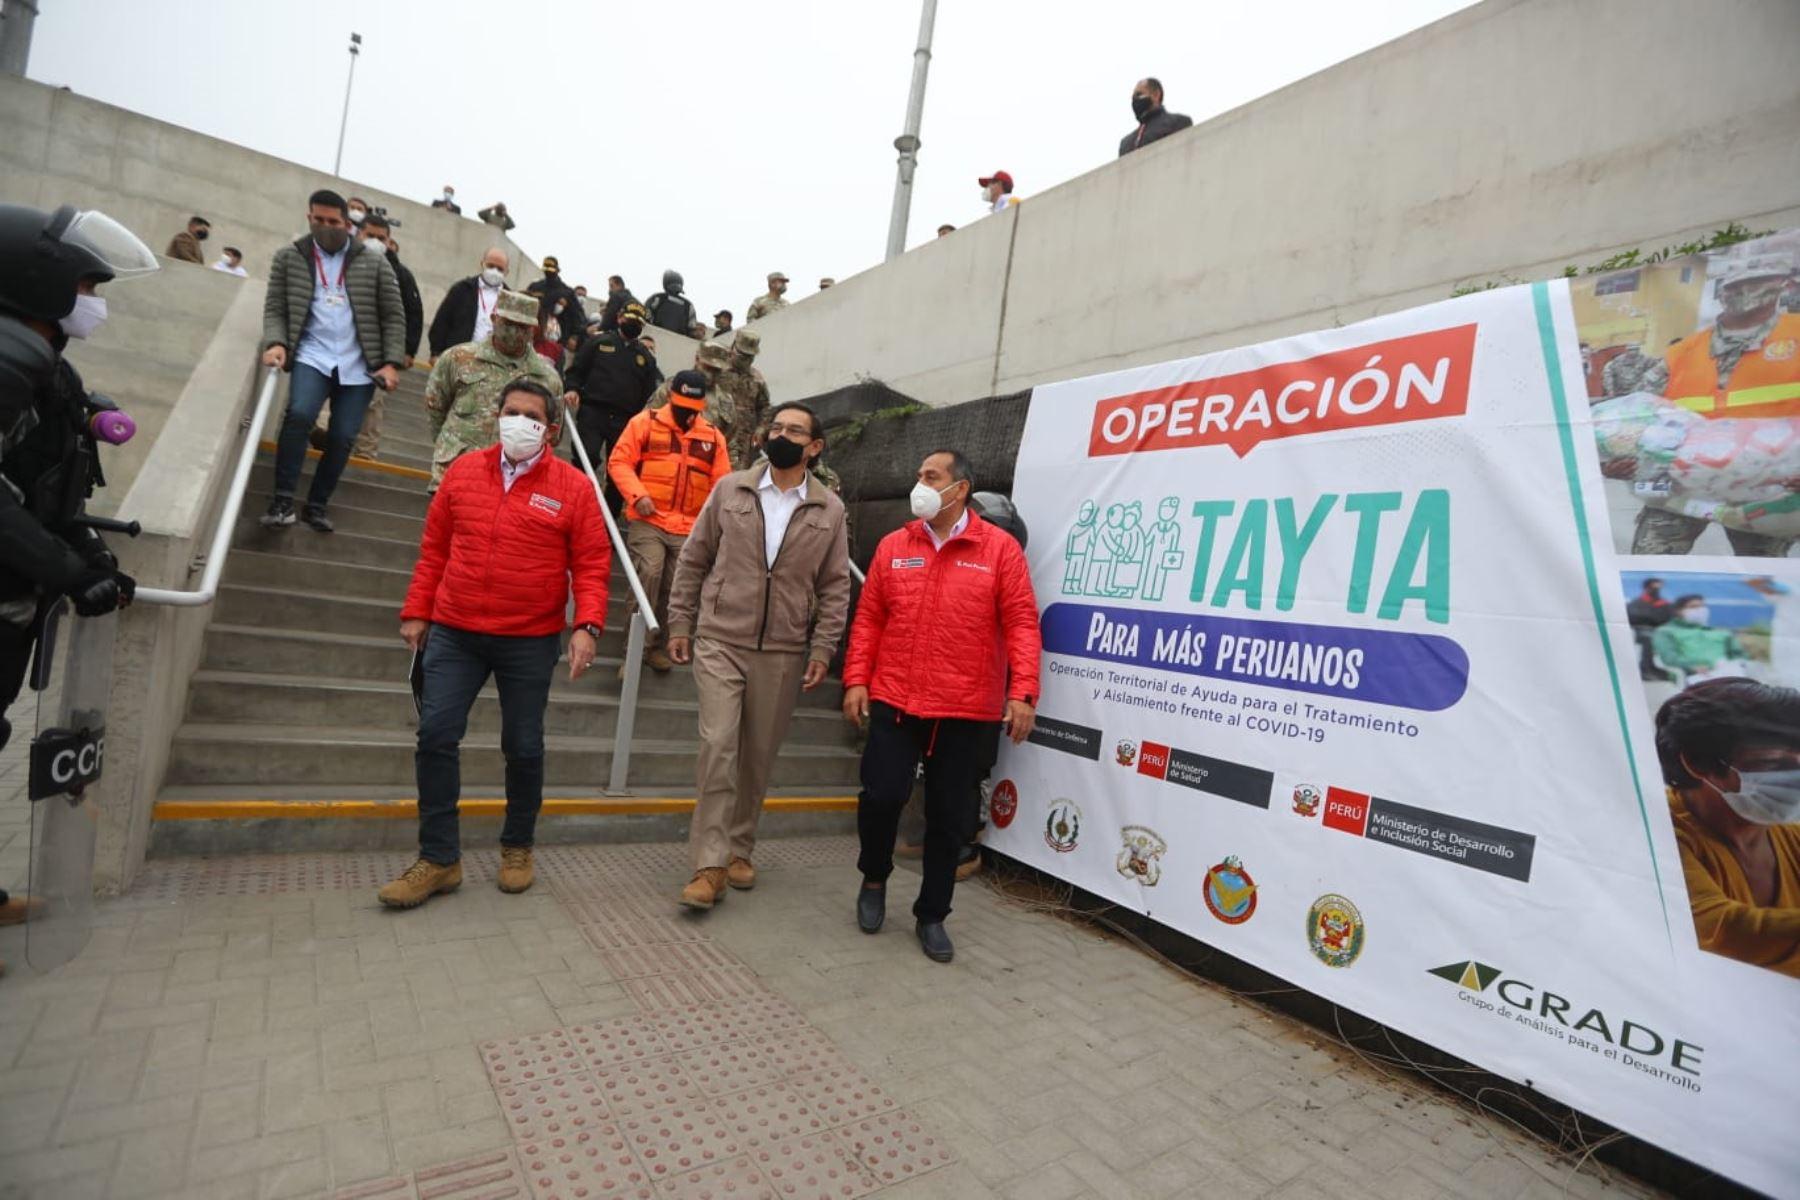 El presidente de la República, Martín Vizcarra, acompañado por los titulares de Defensa, Interior, y Salud, y del Jefe del Comando Conjunto de las Fuerzas Armadas, supervisa en Villa Maria del Triunfo la Megaoperación Tayta. Foto: ANDINA/ Prensa Presidencia